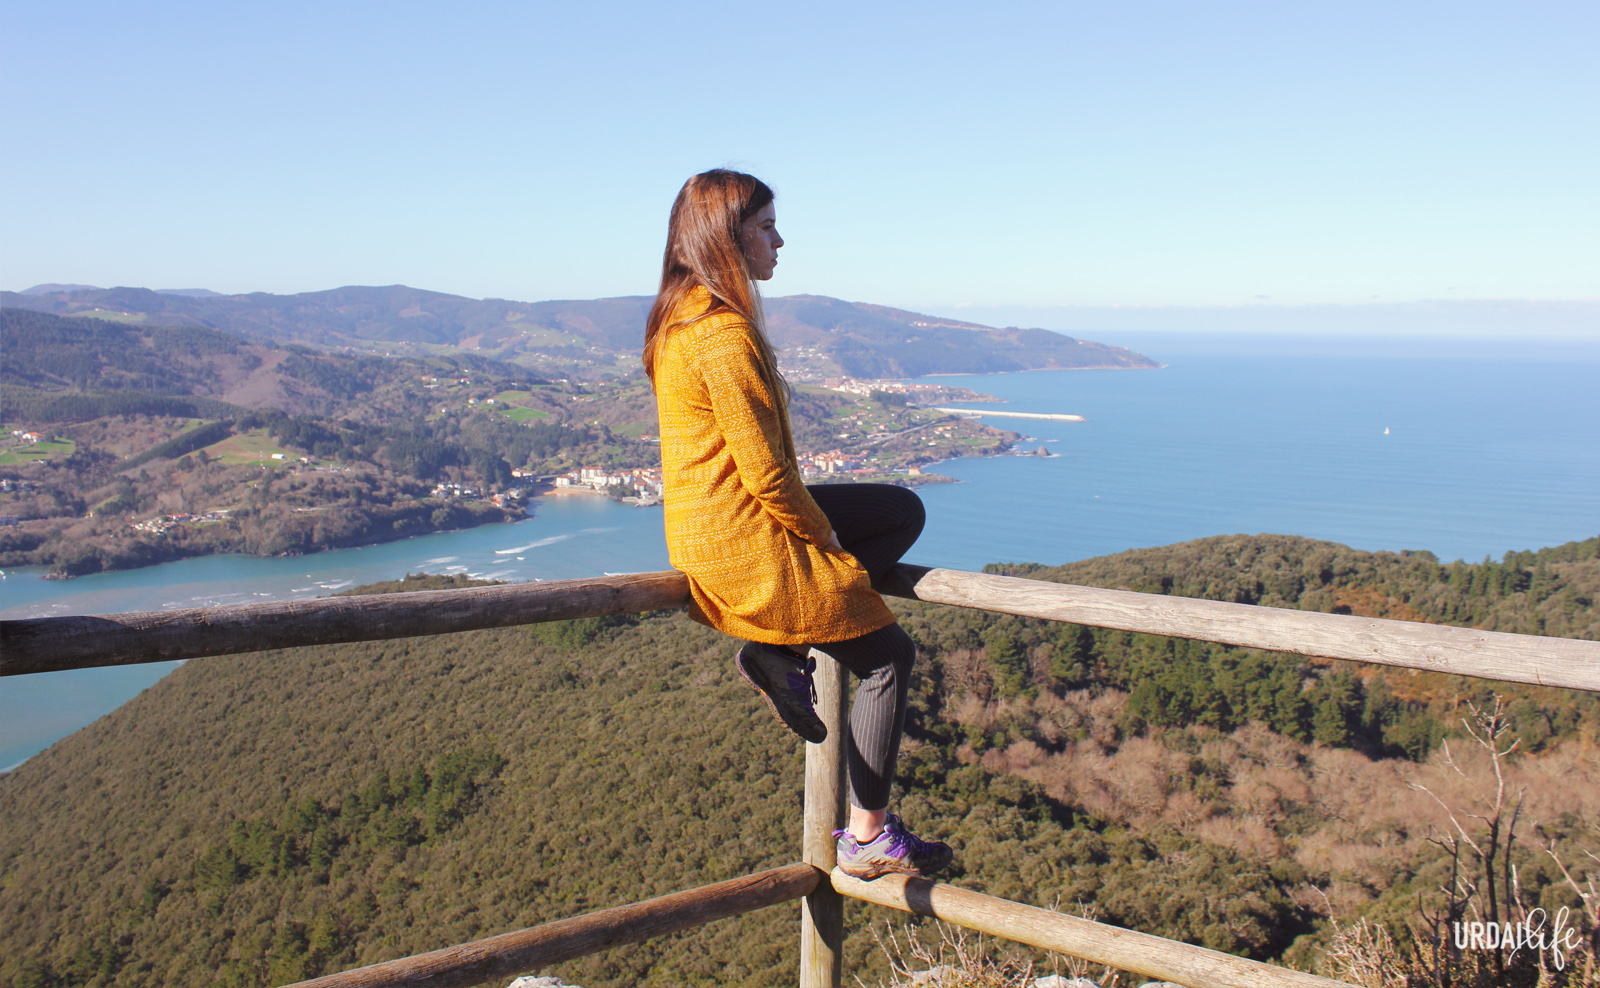 Mirando la panorámica desde San Pedro Atxarre, en Urdaibai